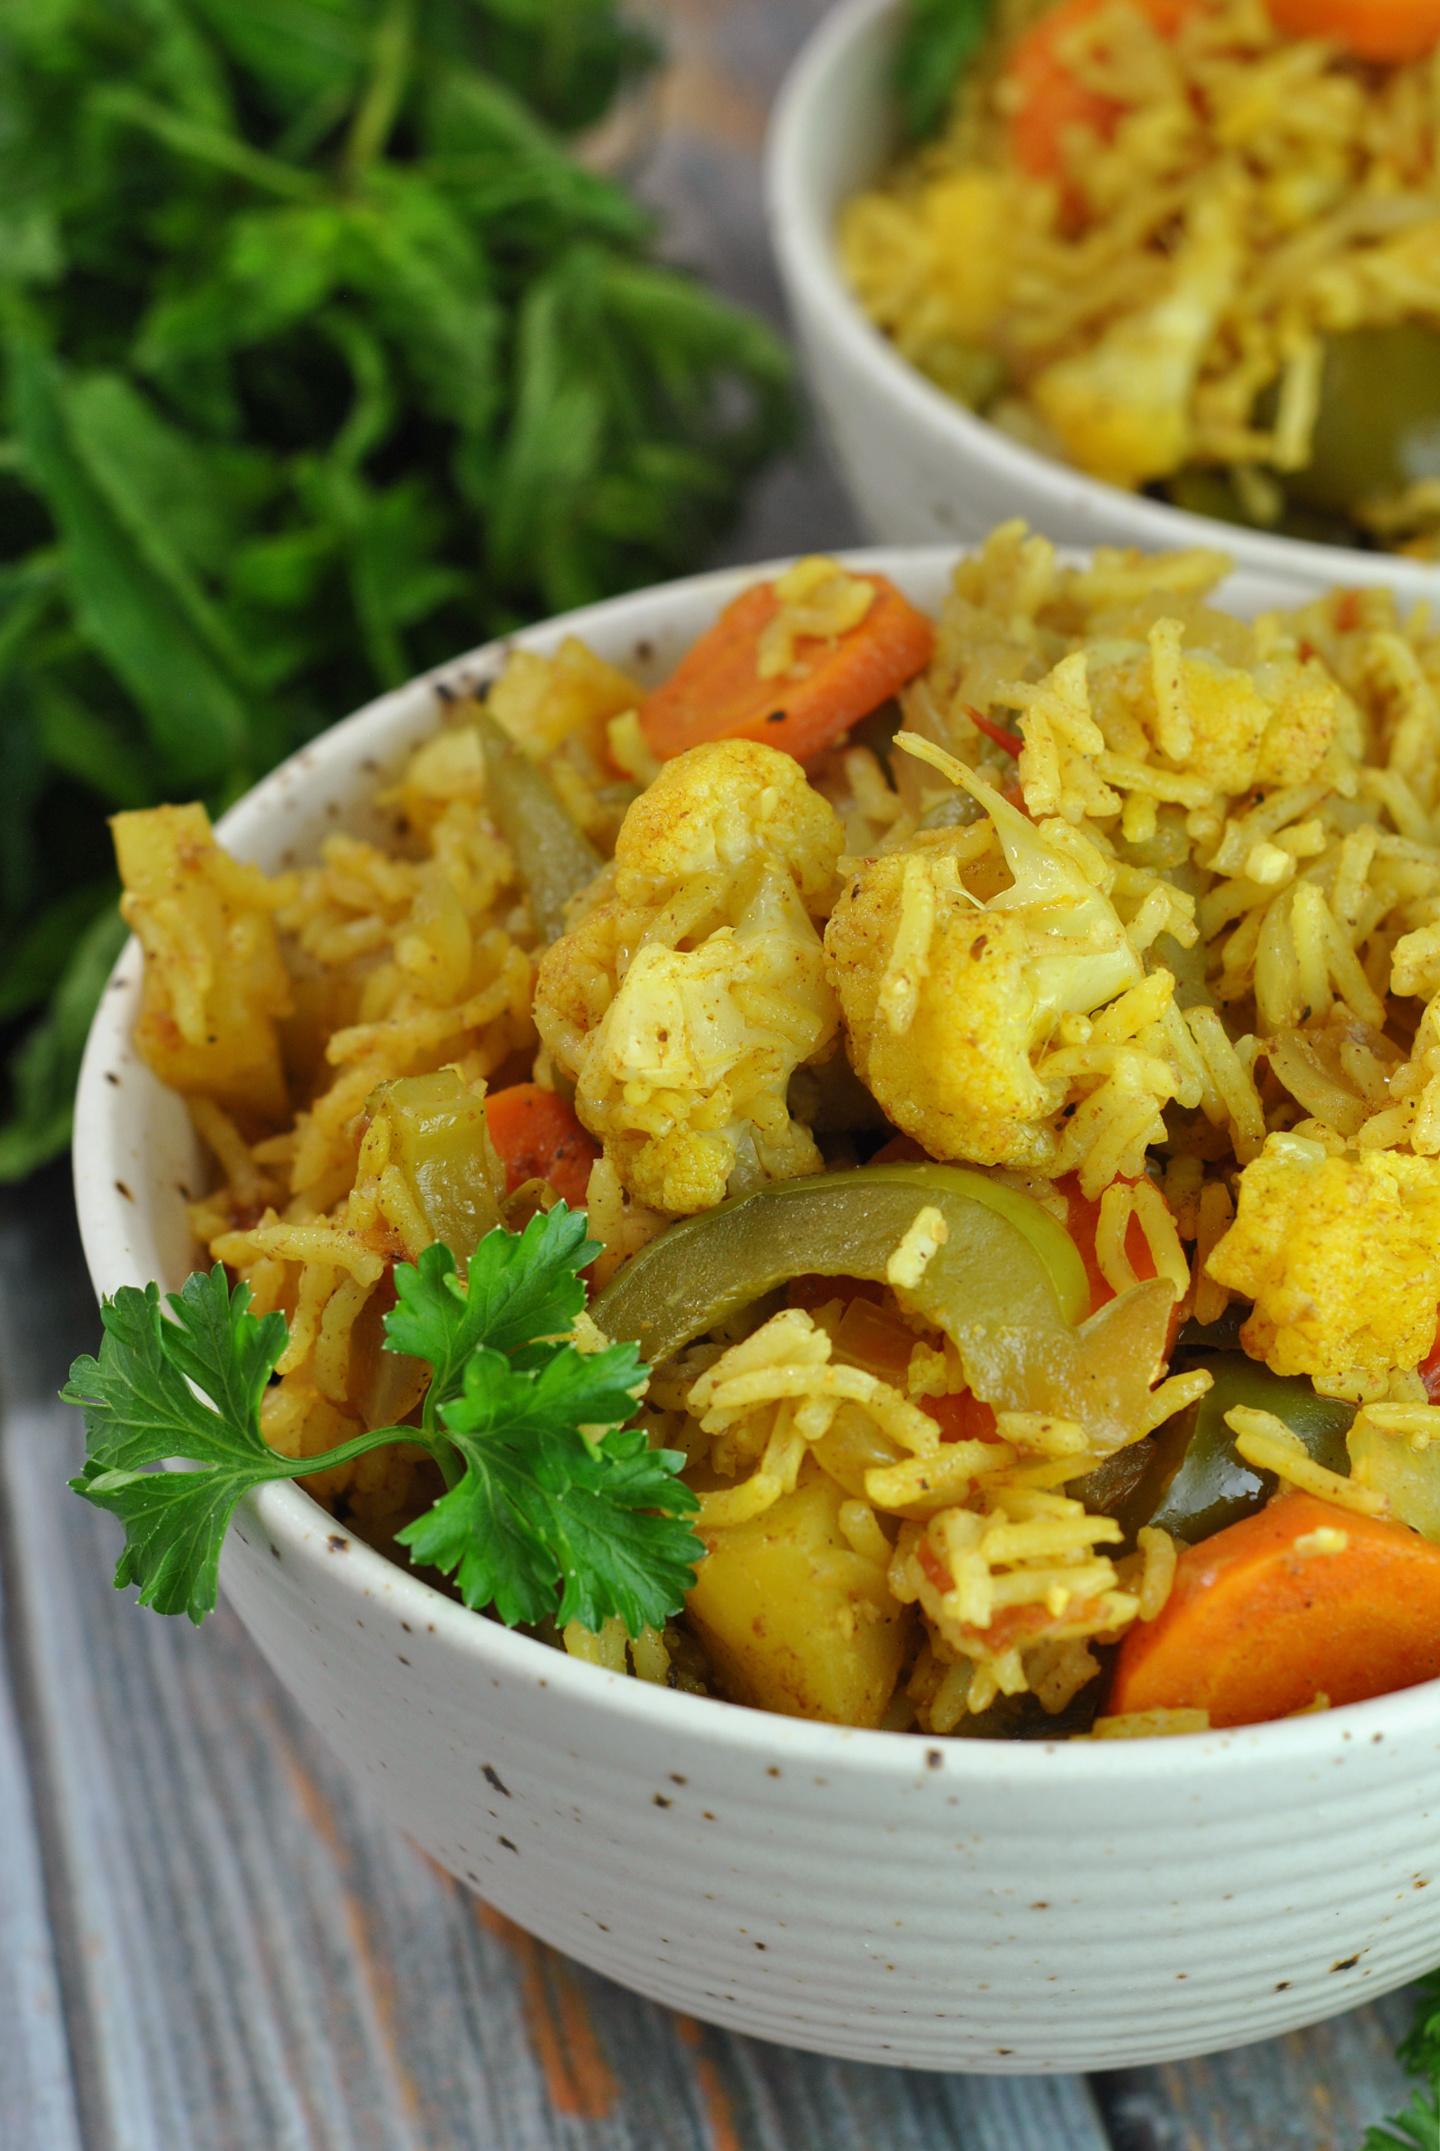 Easy Vegan Vegetable Biryani via @preventionrd